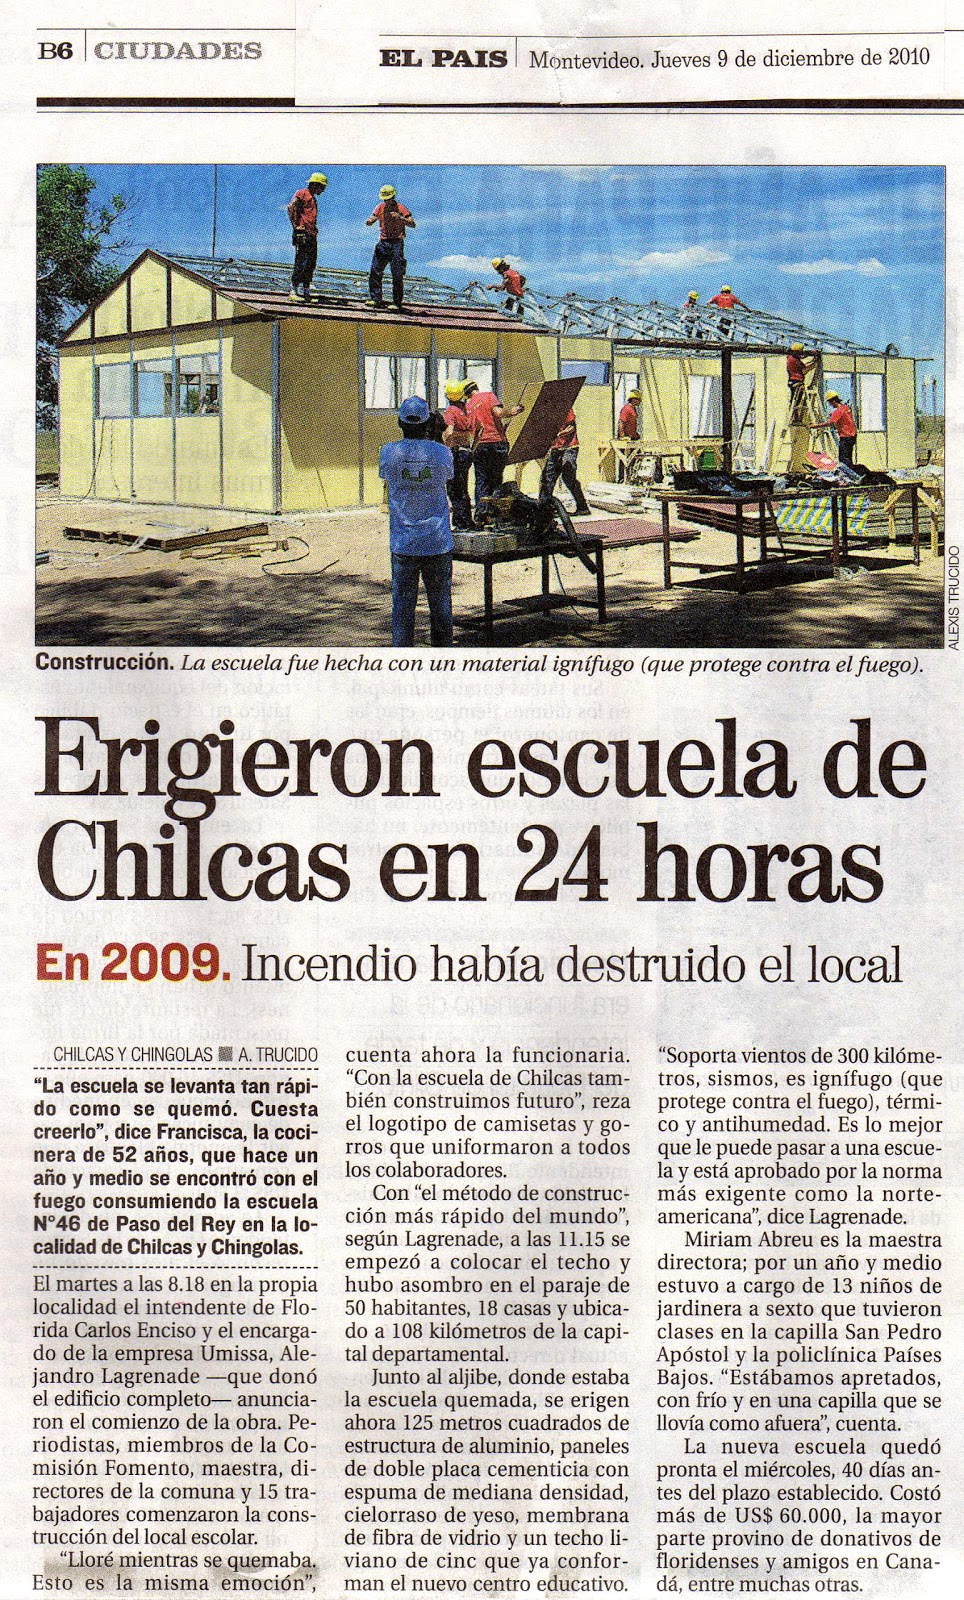 diario de el pais: